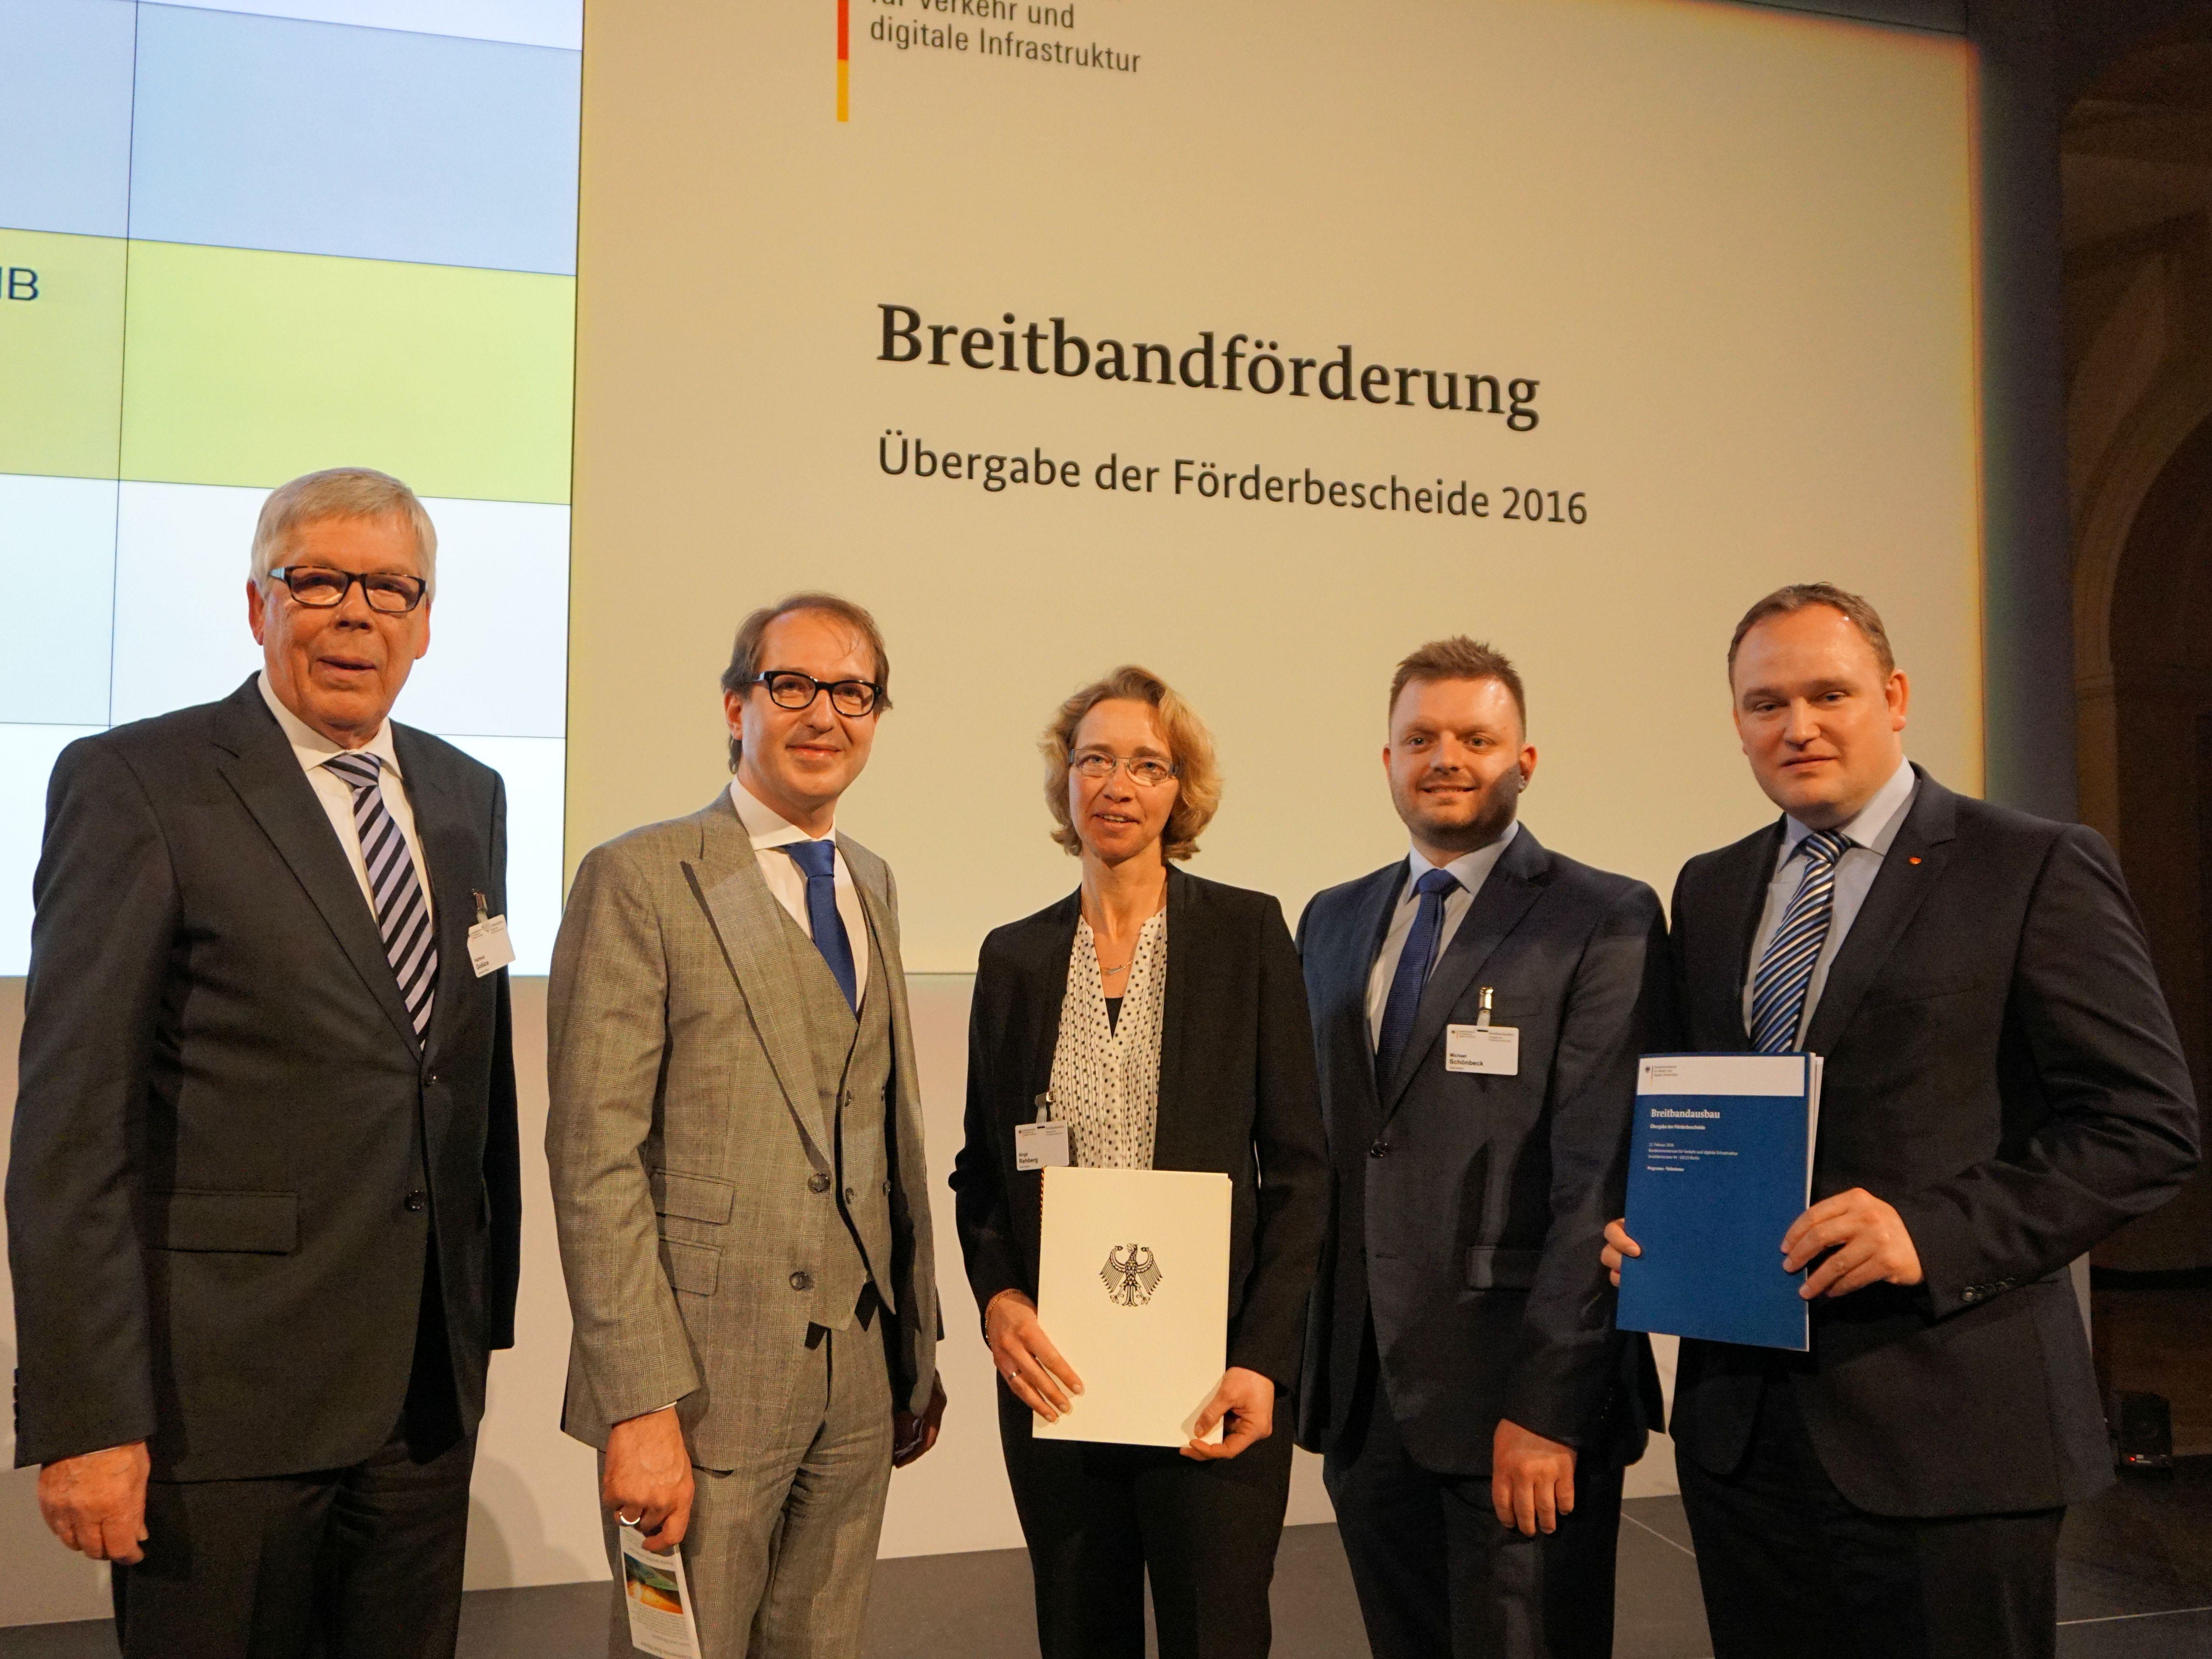 (von links): stellvertretender Landrat Hartmut Golücke, Bundesverkehrsminister Alexander Dobrindt, Birgit Rehberg (Wirtschaftsförderung der Kreisverwaltung), CDU-Kreistagsfraktionsvorsitzender Michael Schönbeck, CDU-Bundestagsabgeordneter Dr. Tim Osterman